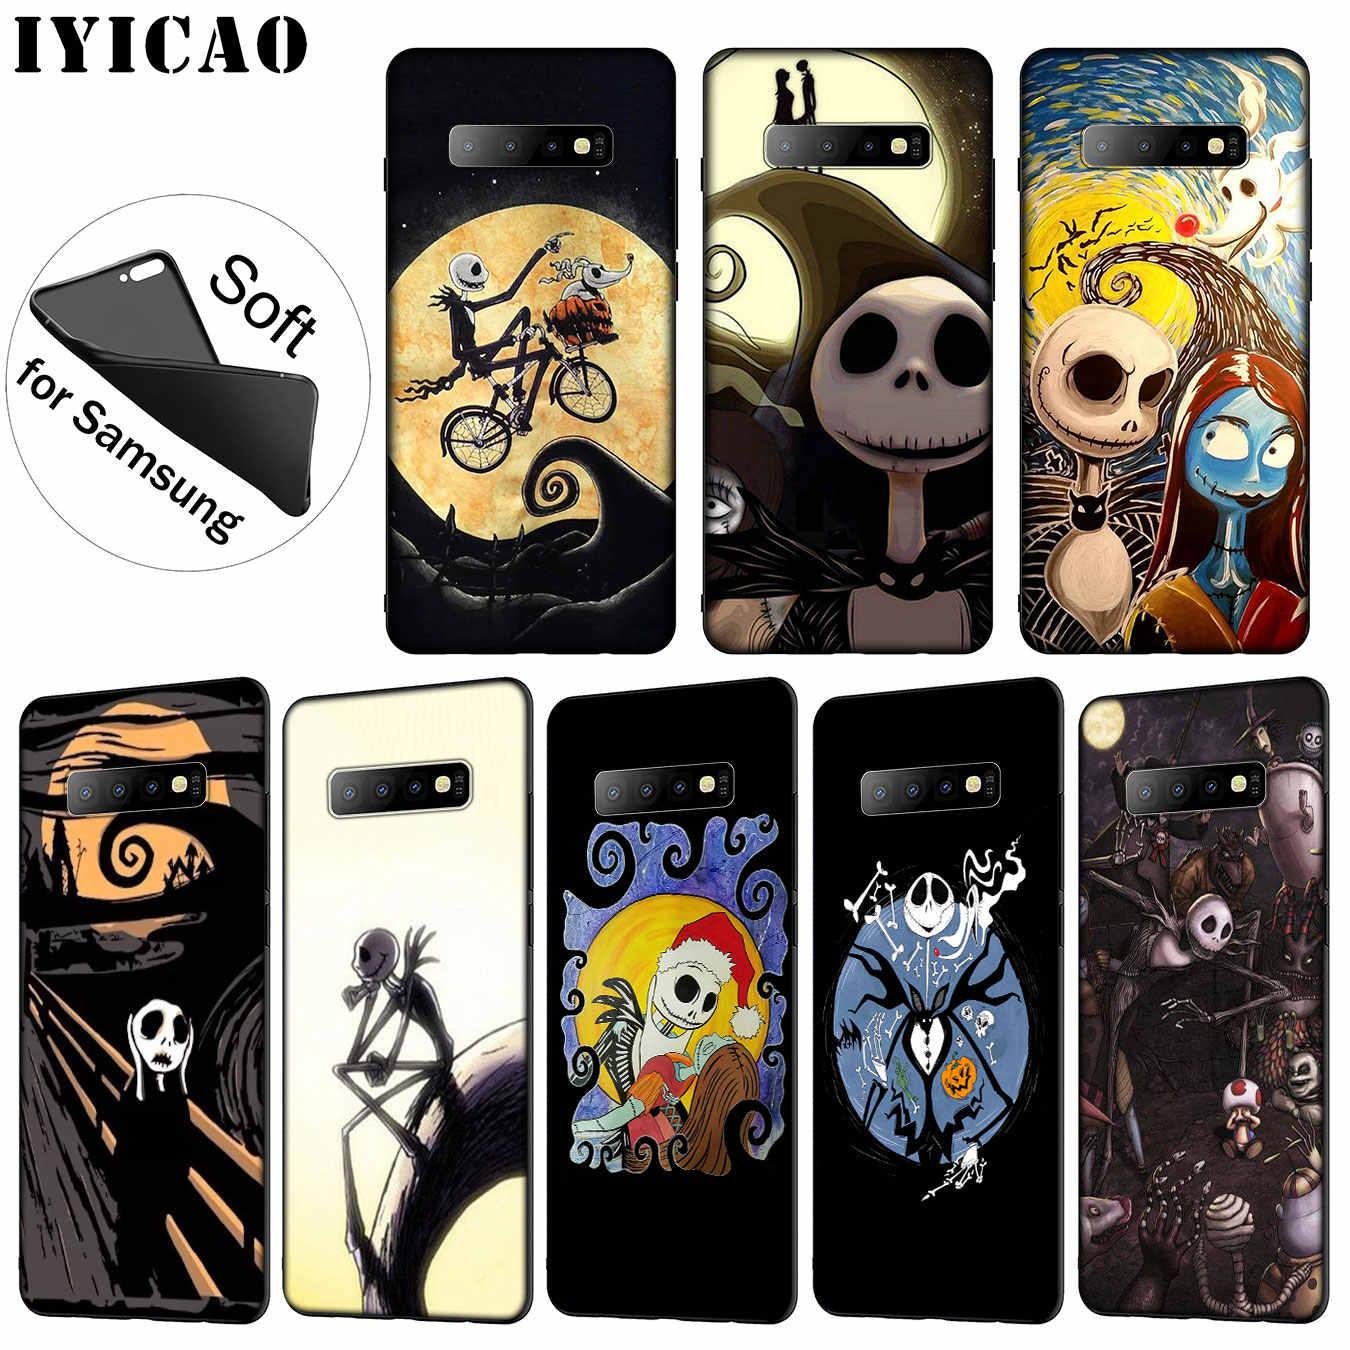 IYICAO кошмар Тим Бертон Хэллоуин Джек Мягкий силиконовый чехол для телефона для samsung Galaxy S10 S9 S8 Plus S6 S7 Edge S10e E чехол